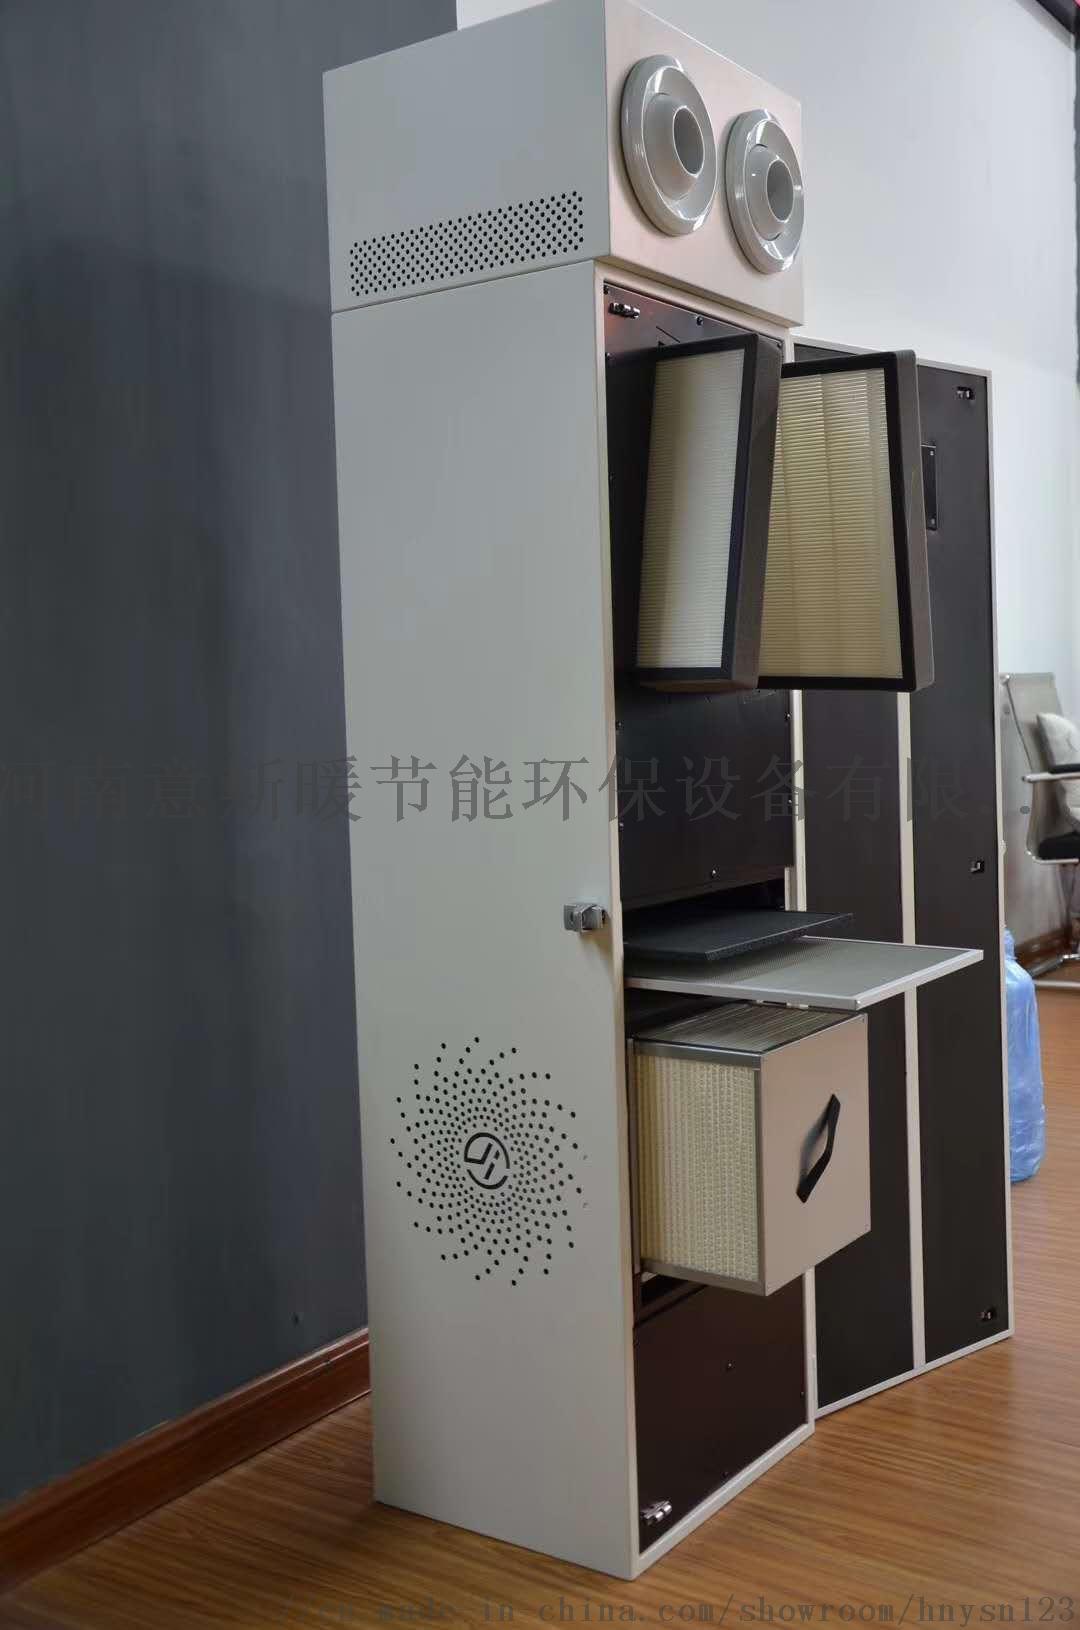 莱斯·克韦尔新风壁挂机智能家用柜机限时促销中107326815